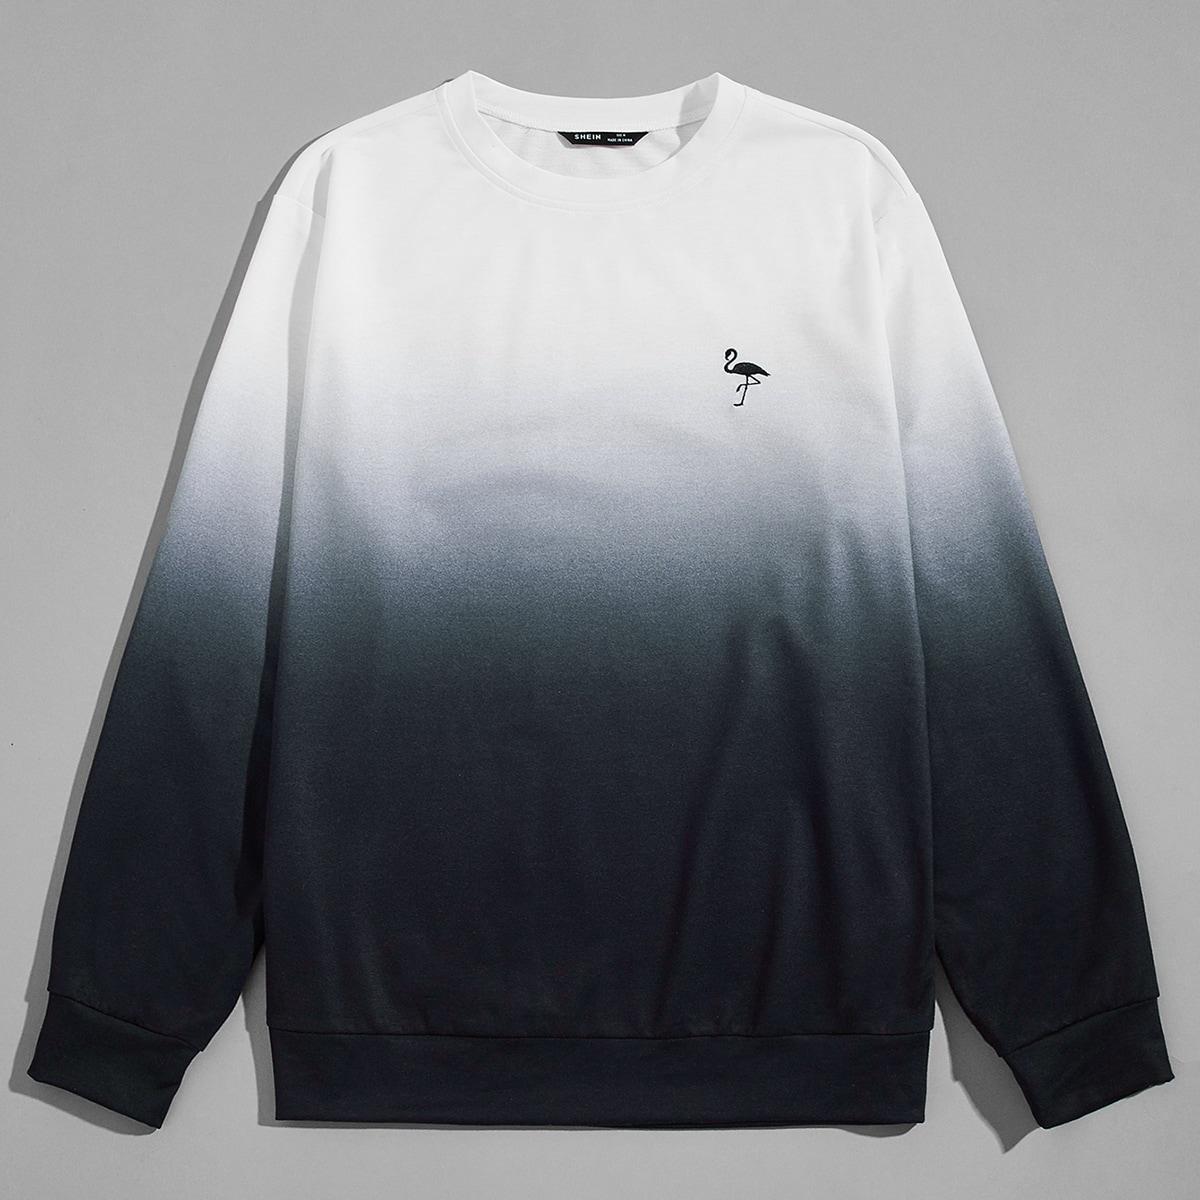 Мужской пуловер с вышивкой фламинго от SHEIN